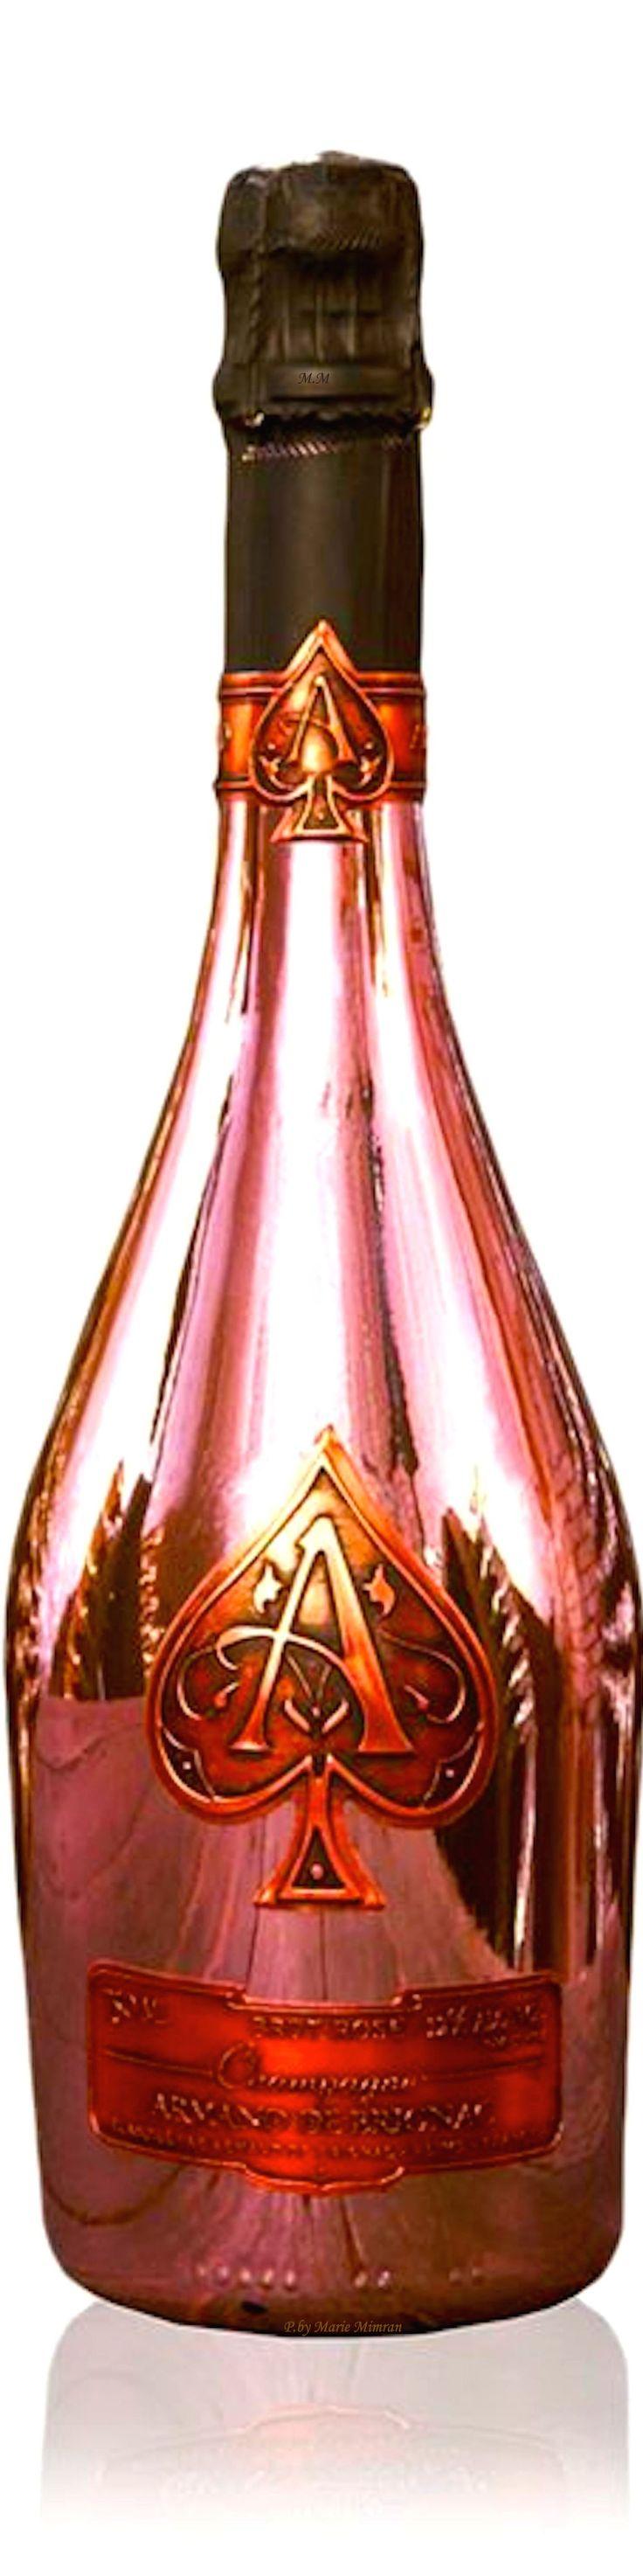 Armand De Brignac Ace Of Spades Rosé NV £475.00